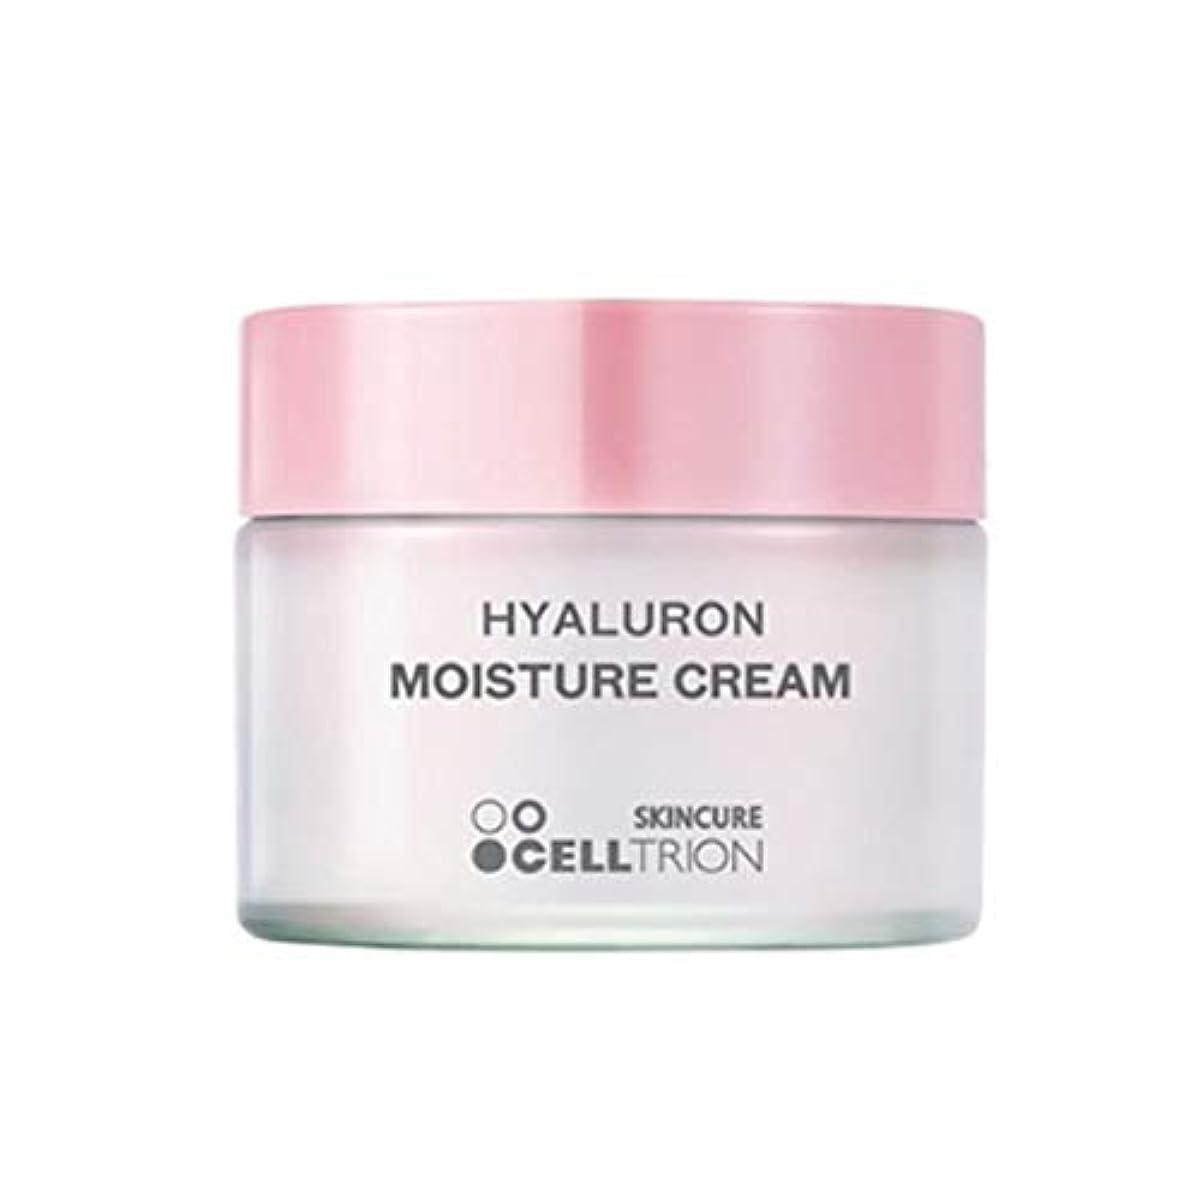 乱雑な名義で速記セルトリオンスキンキュアヒアルロンモイスチャークリーム50gしわ改善、Celltrion Skincure Hyaluron Moisture Cream 50g Anti-Wrinkle [並行輸入品]